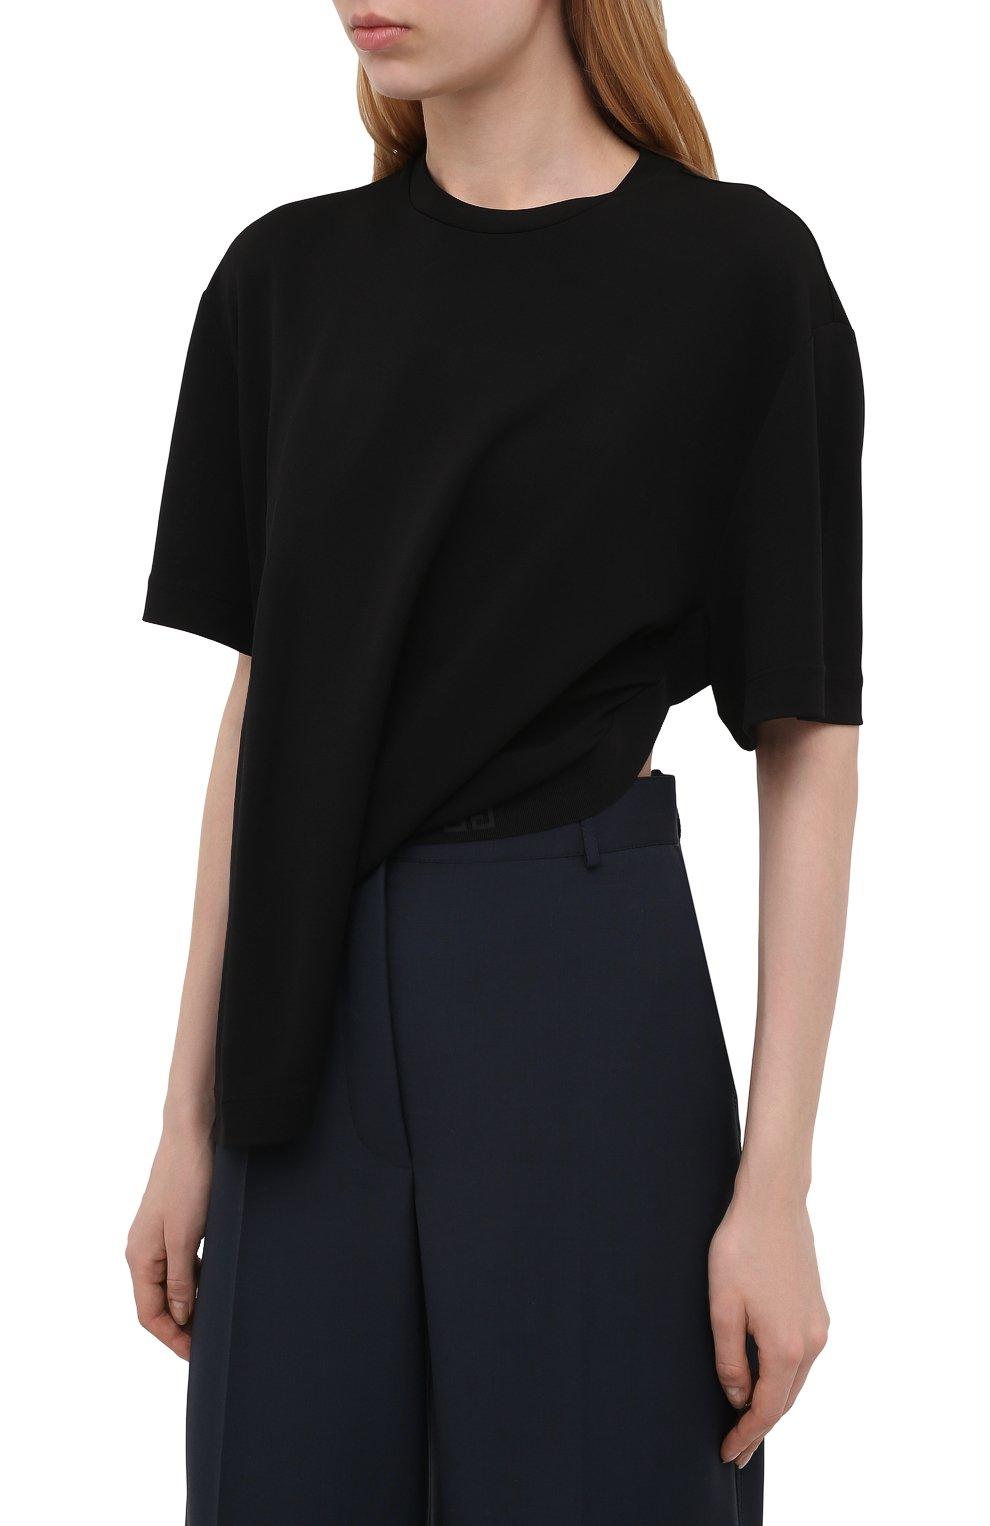 Женская футболка из вискозы GIVENCHY черного цвета, арт. BW60U93047   Фото 3 (Принт: Без принта; Рукава: Короткие; Длина (для топов): Стандартные, Укороченные; Стили: Спорт-шик; Женское Кросс-КТ: Футболка-одежда; Материал внешний: Вискоза)